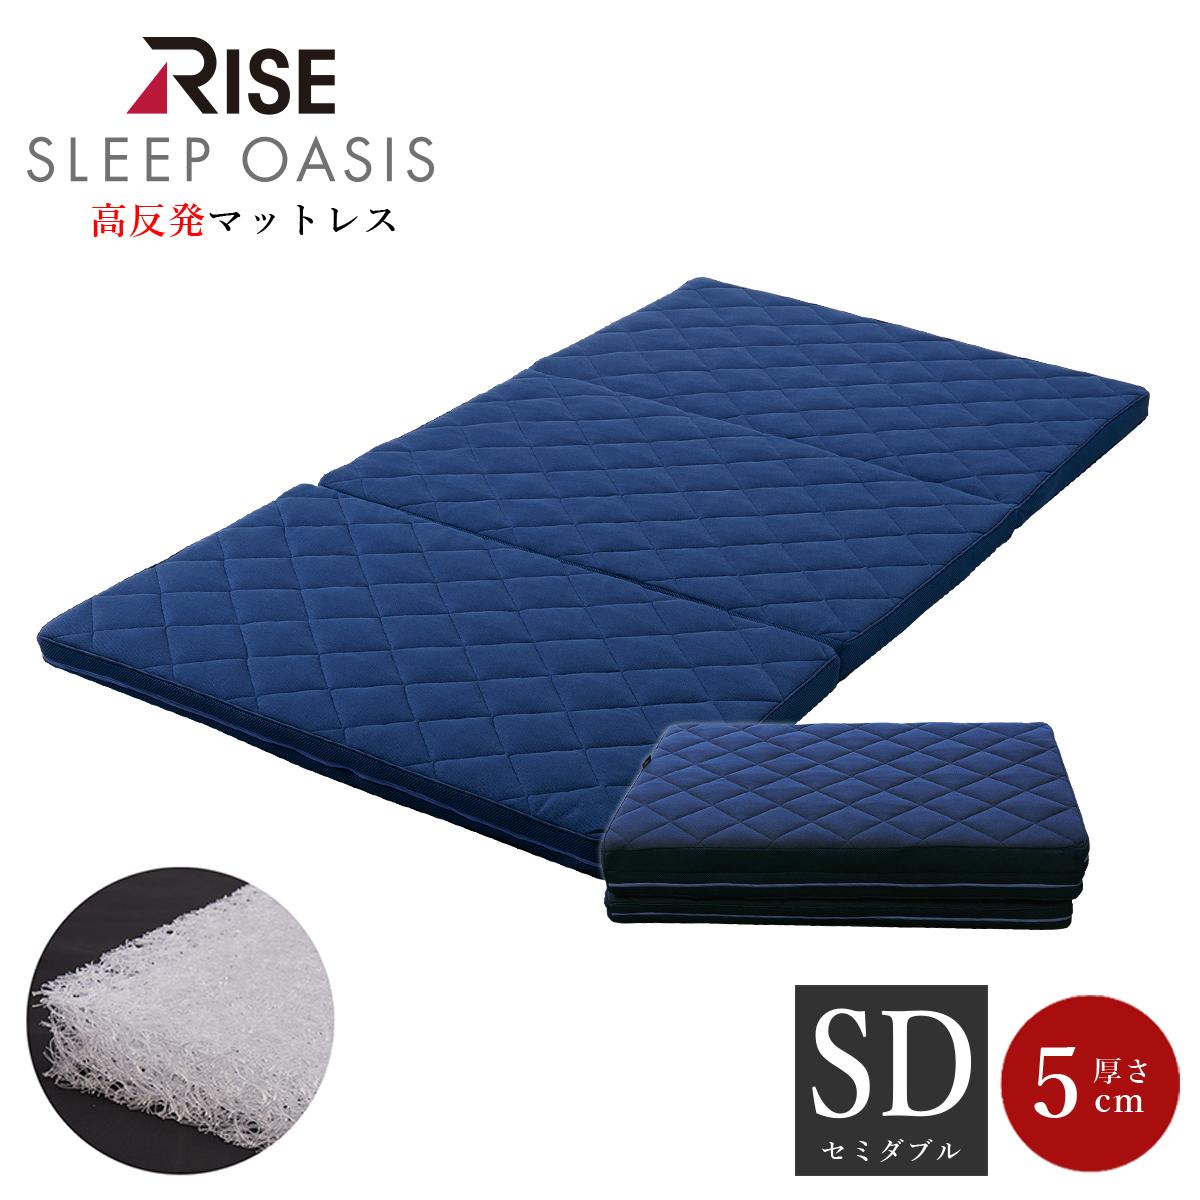 スリープオアシス 高反発ファイバーマットレス V02 セミダブルサイズ 三つ折りタイプ 厚さ5cm 敷布団としても使えるマットレス ライズTOKYOの高反発マットレス